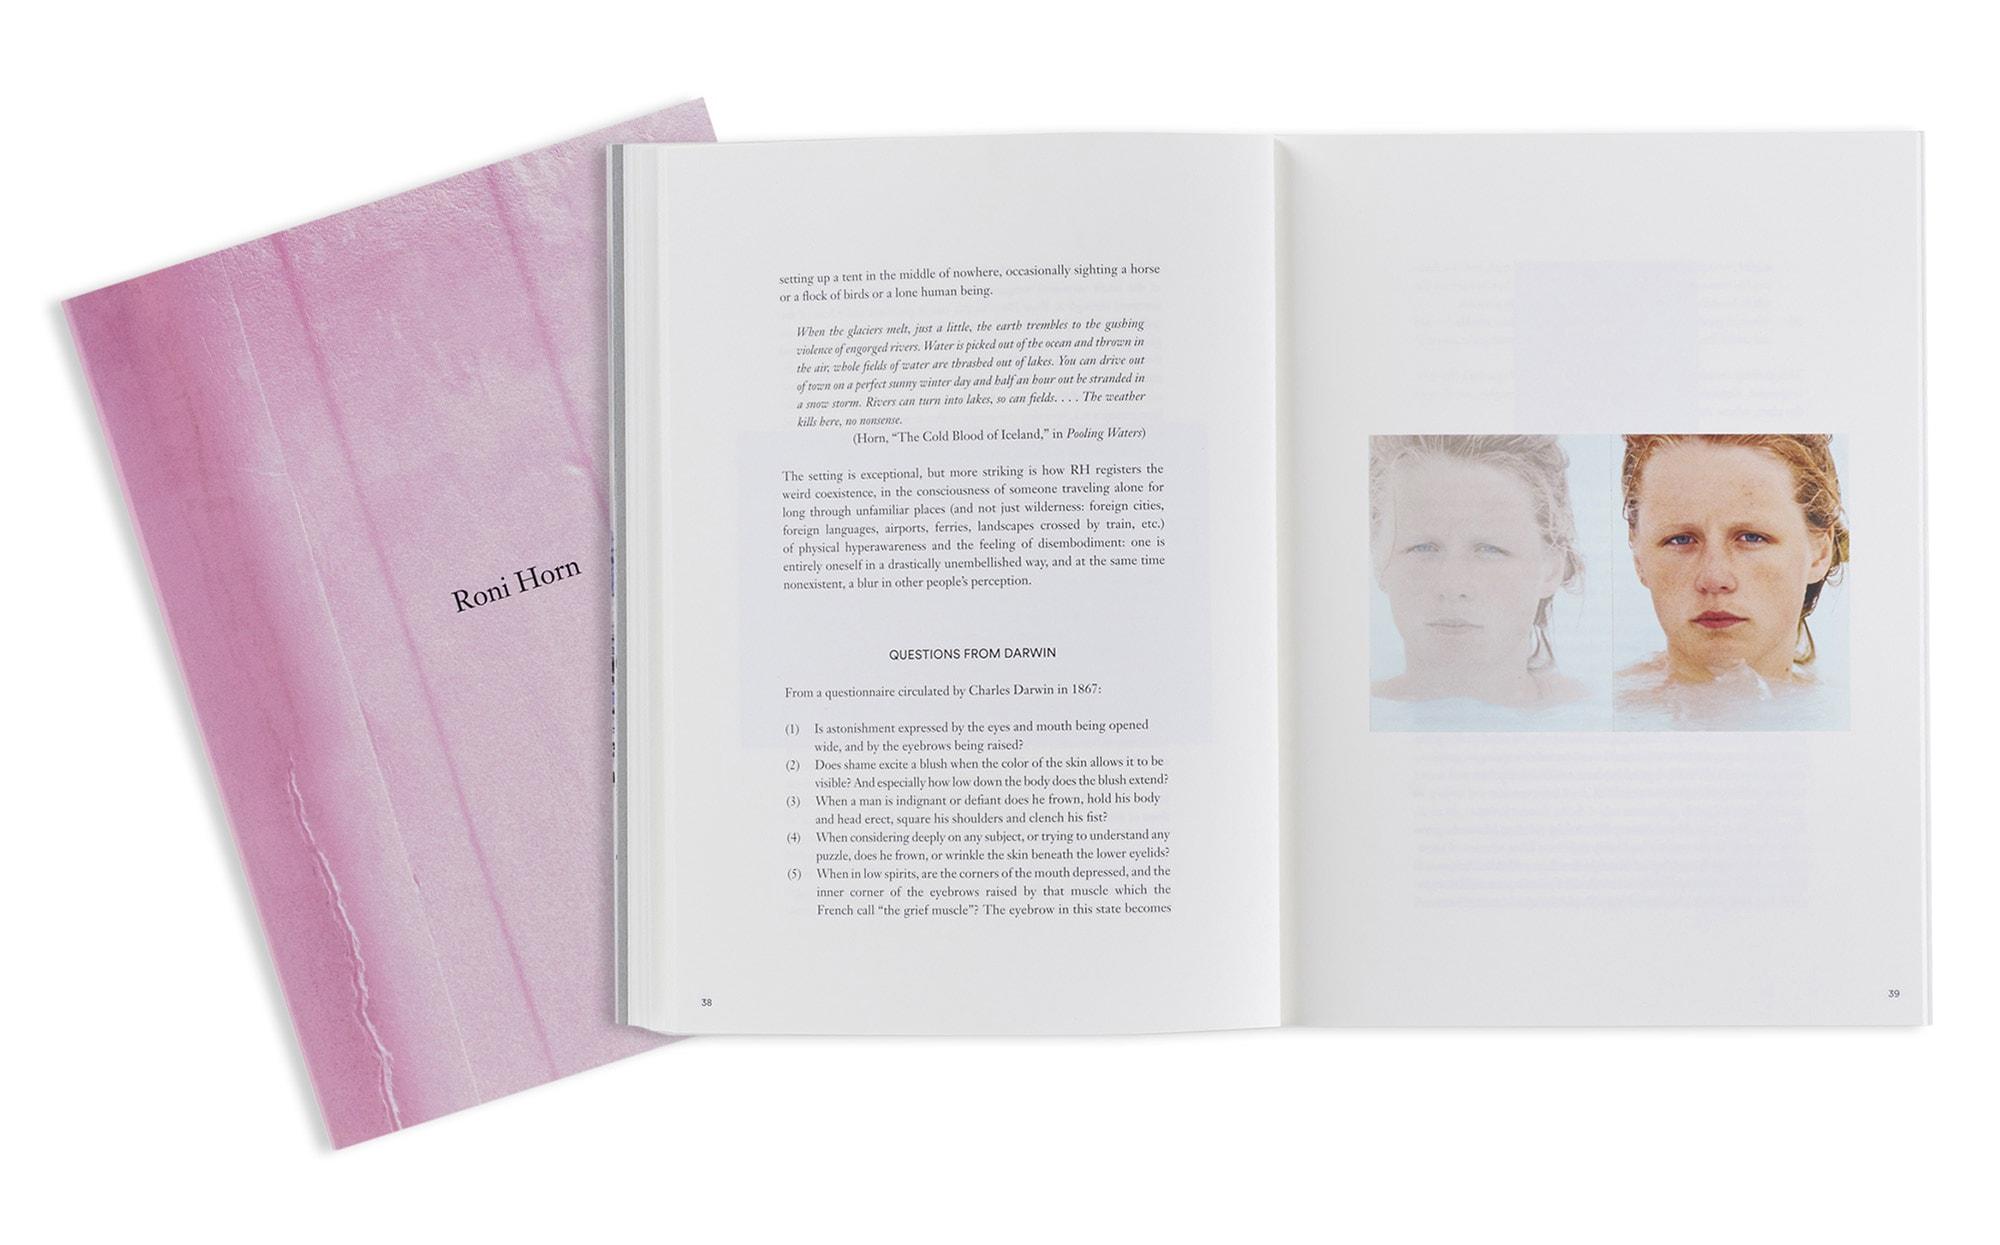 ブックレヴュー『RONI HORN』エミリー・ウェイ・ラリー、自在に領域を超越して表現する多様性に満ちたコンセプチュアル・アーティスト | RONI HORN 01